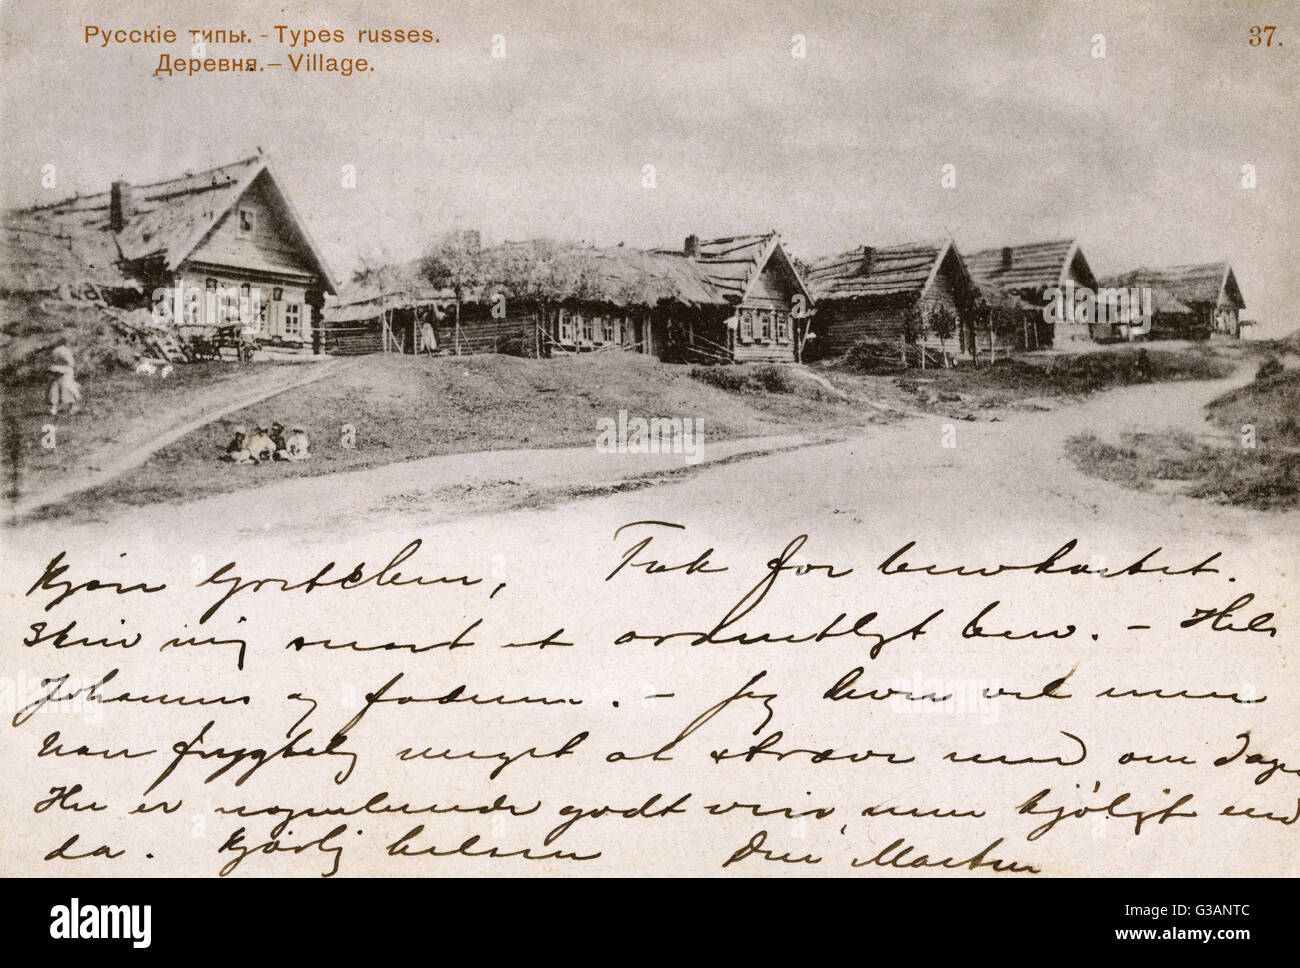 Generico villaggio russo - lungo le cabine di legno Data: circa 1902 Immagini Stock